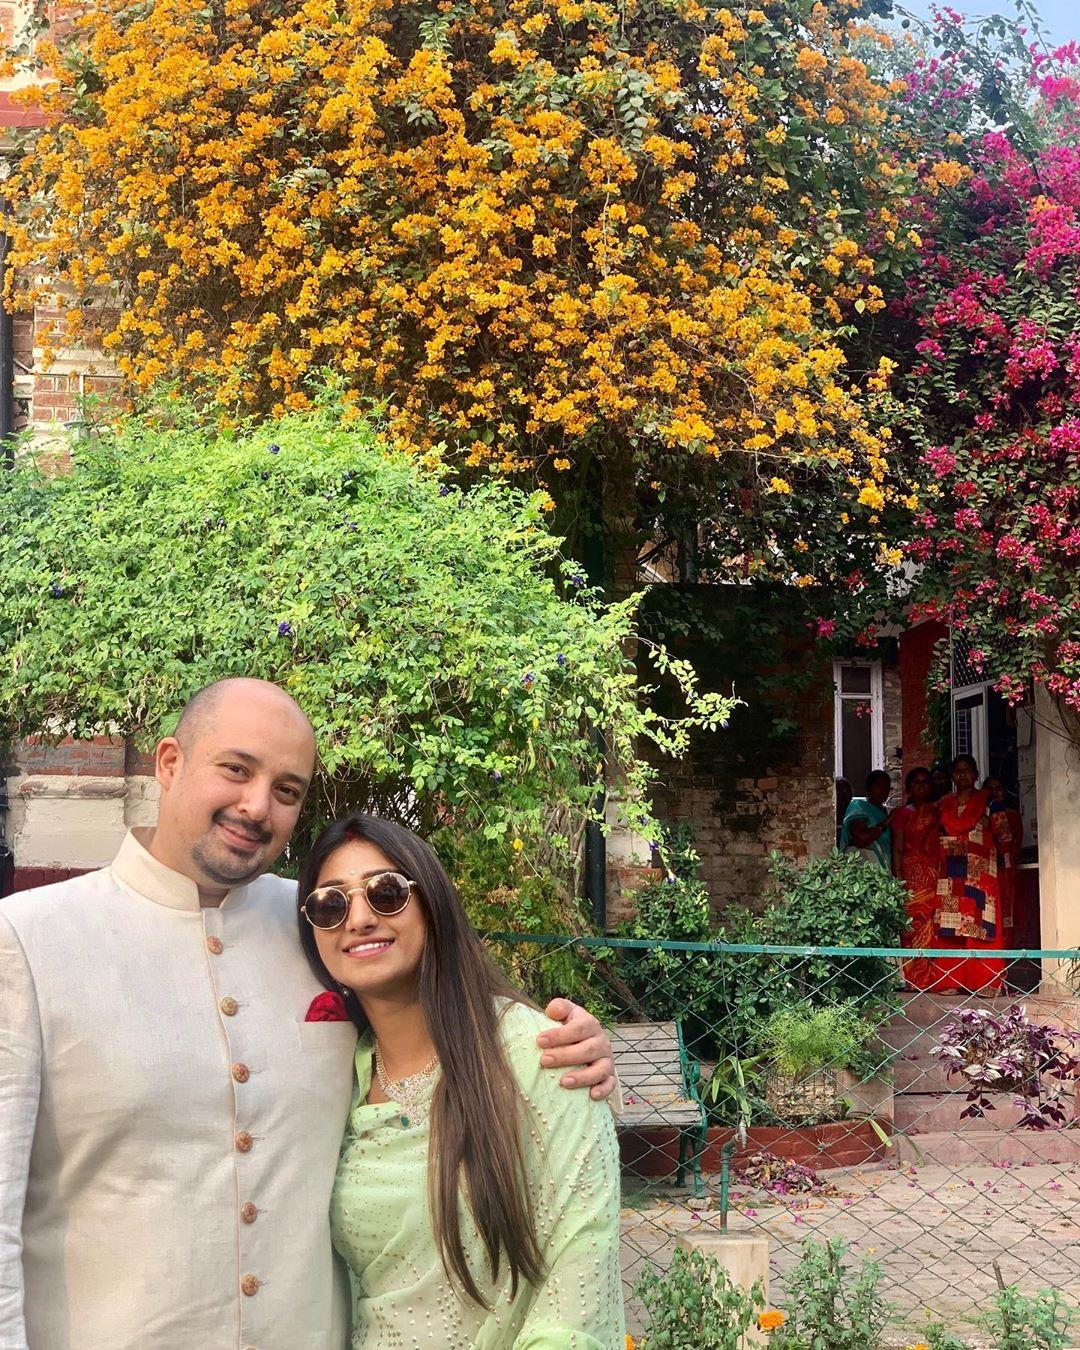 Mohena Kumari Singh and Suyesh Rawat